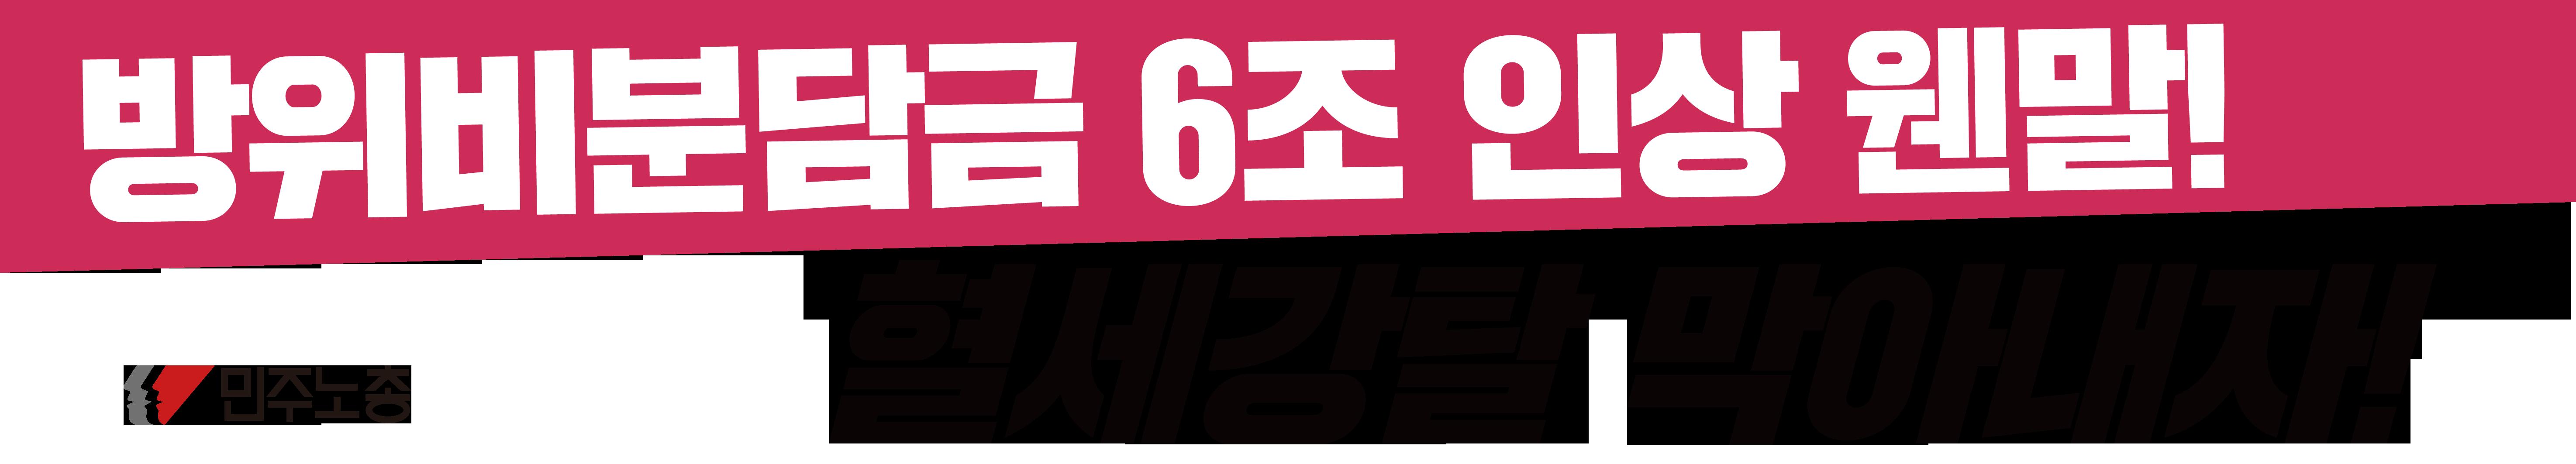 현수막2 사본.png